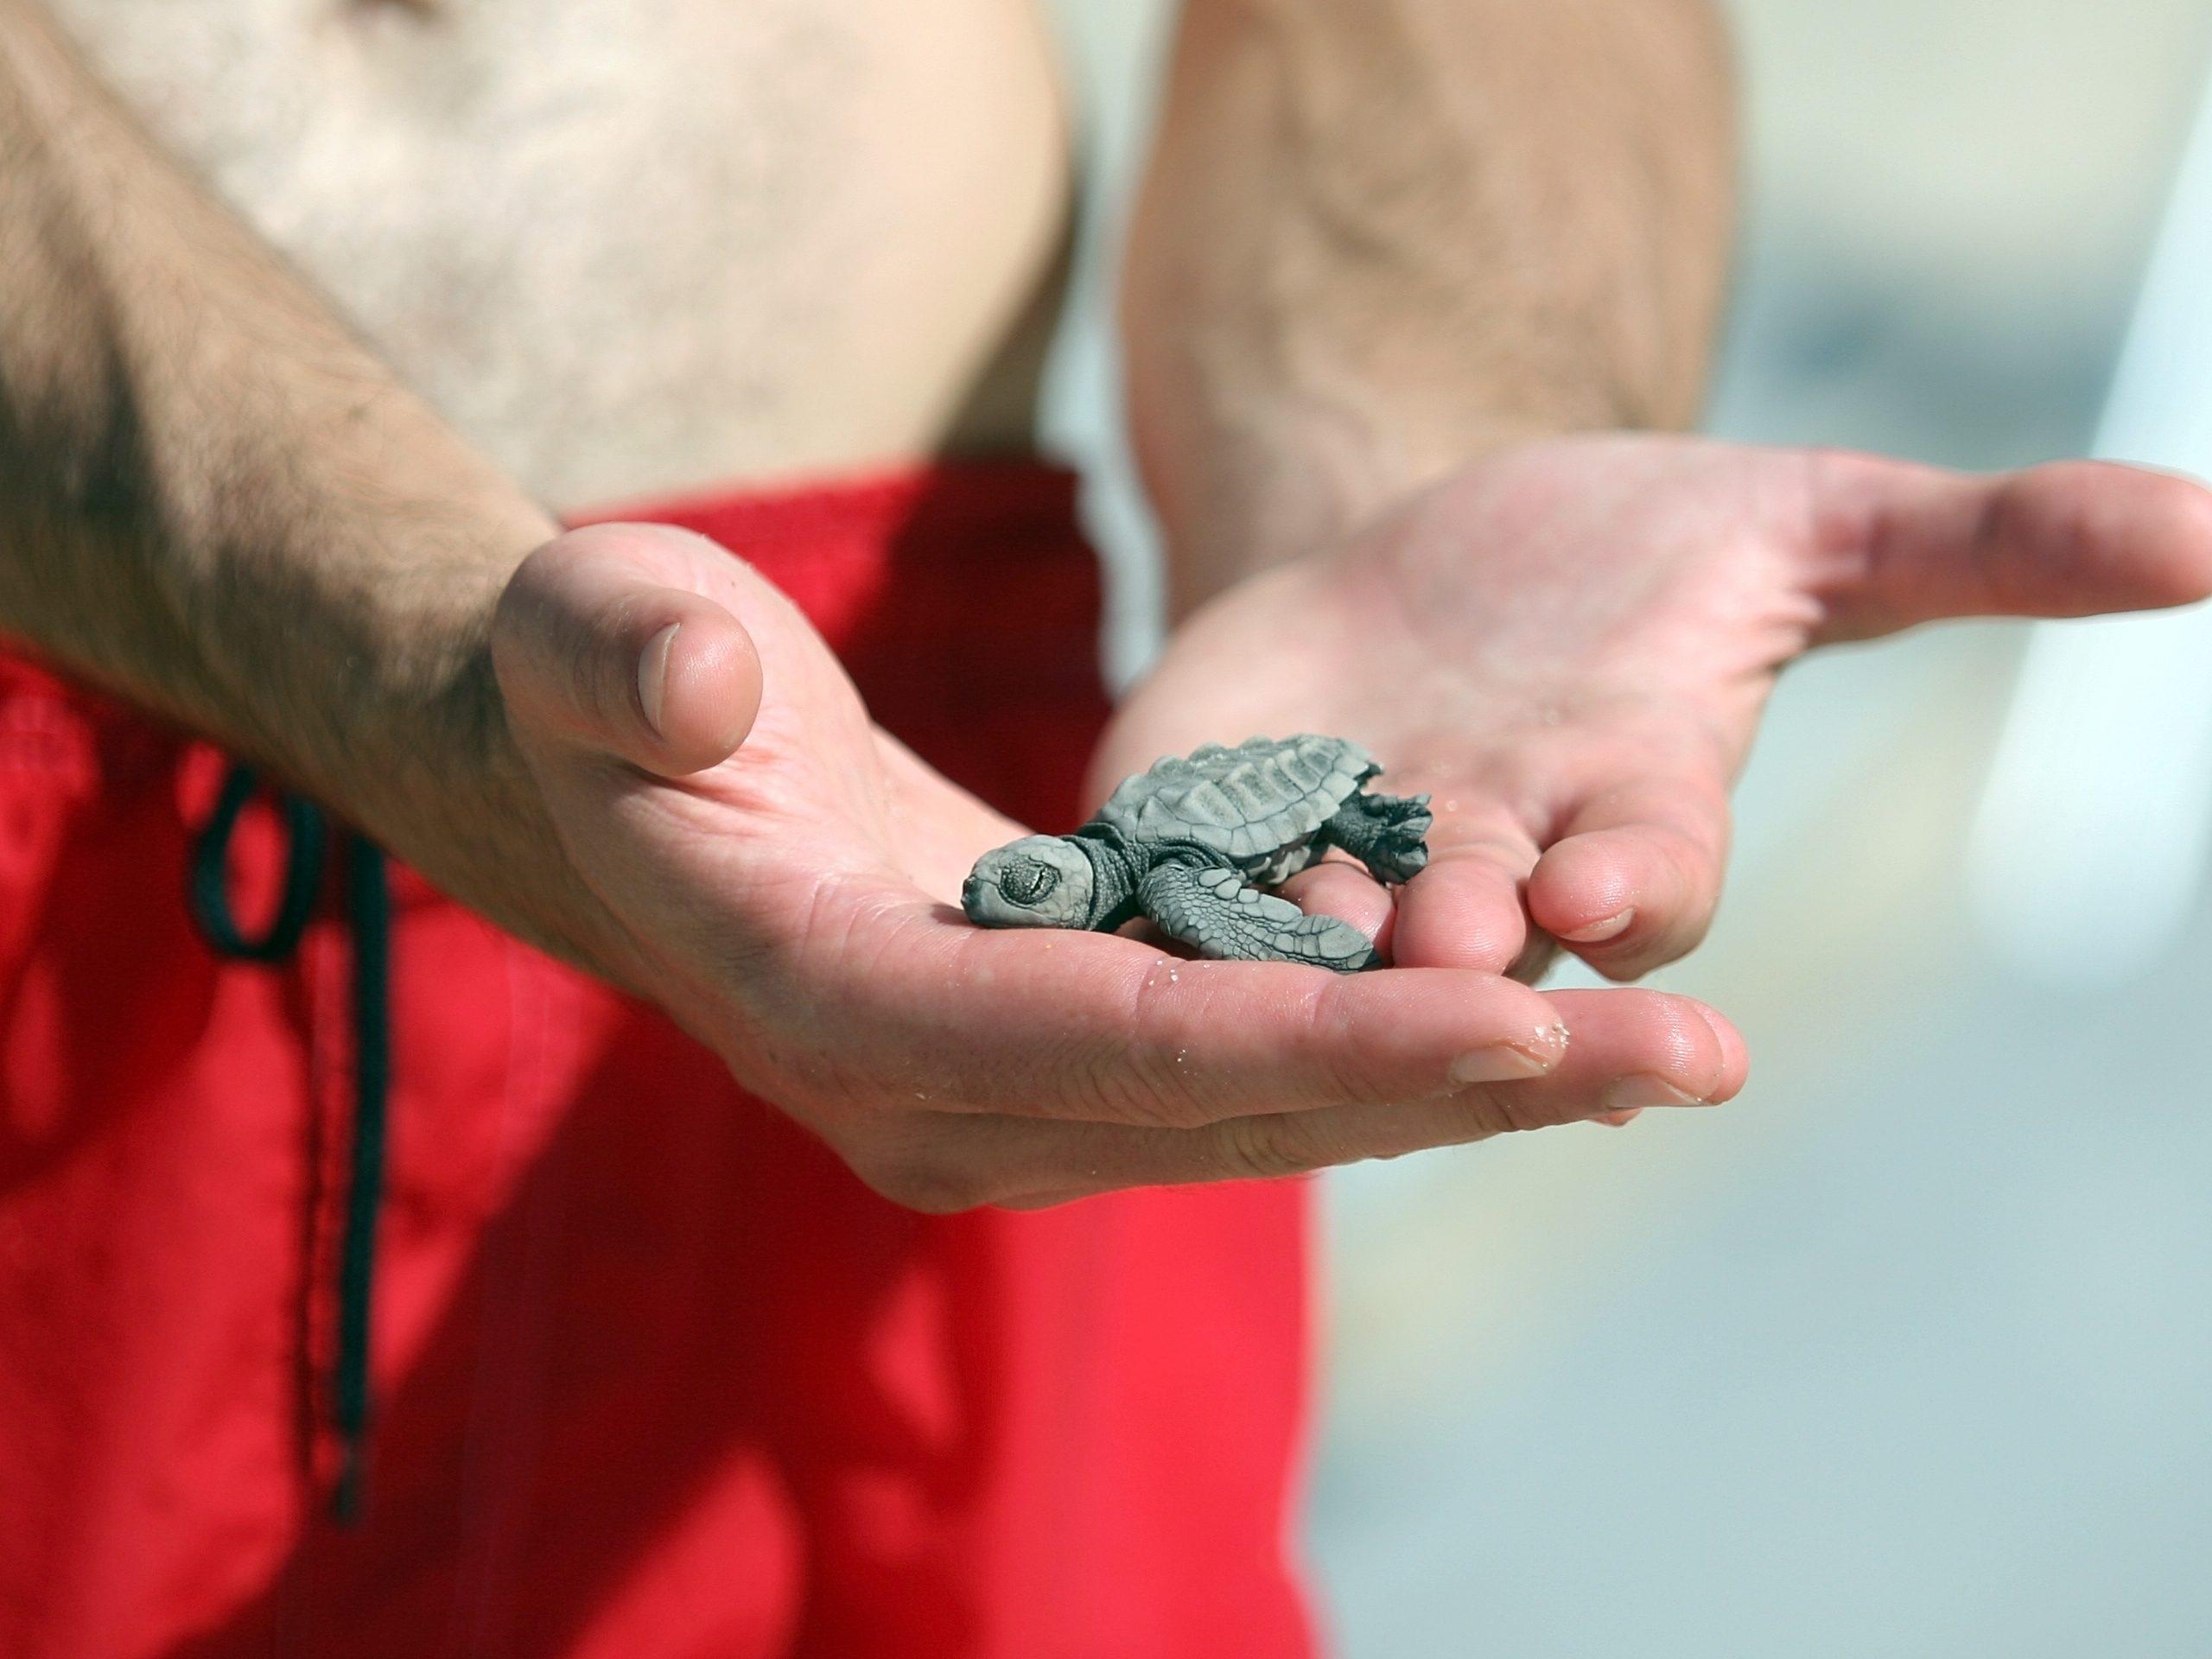 Newborn turtle in guys hand